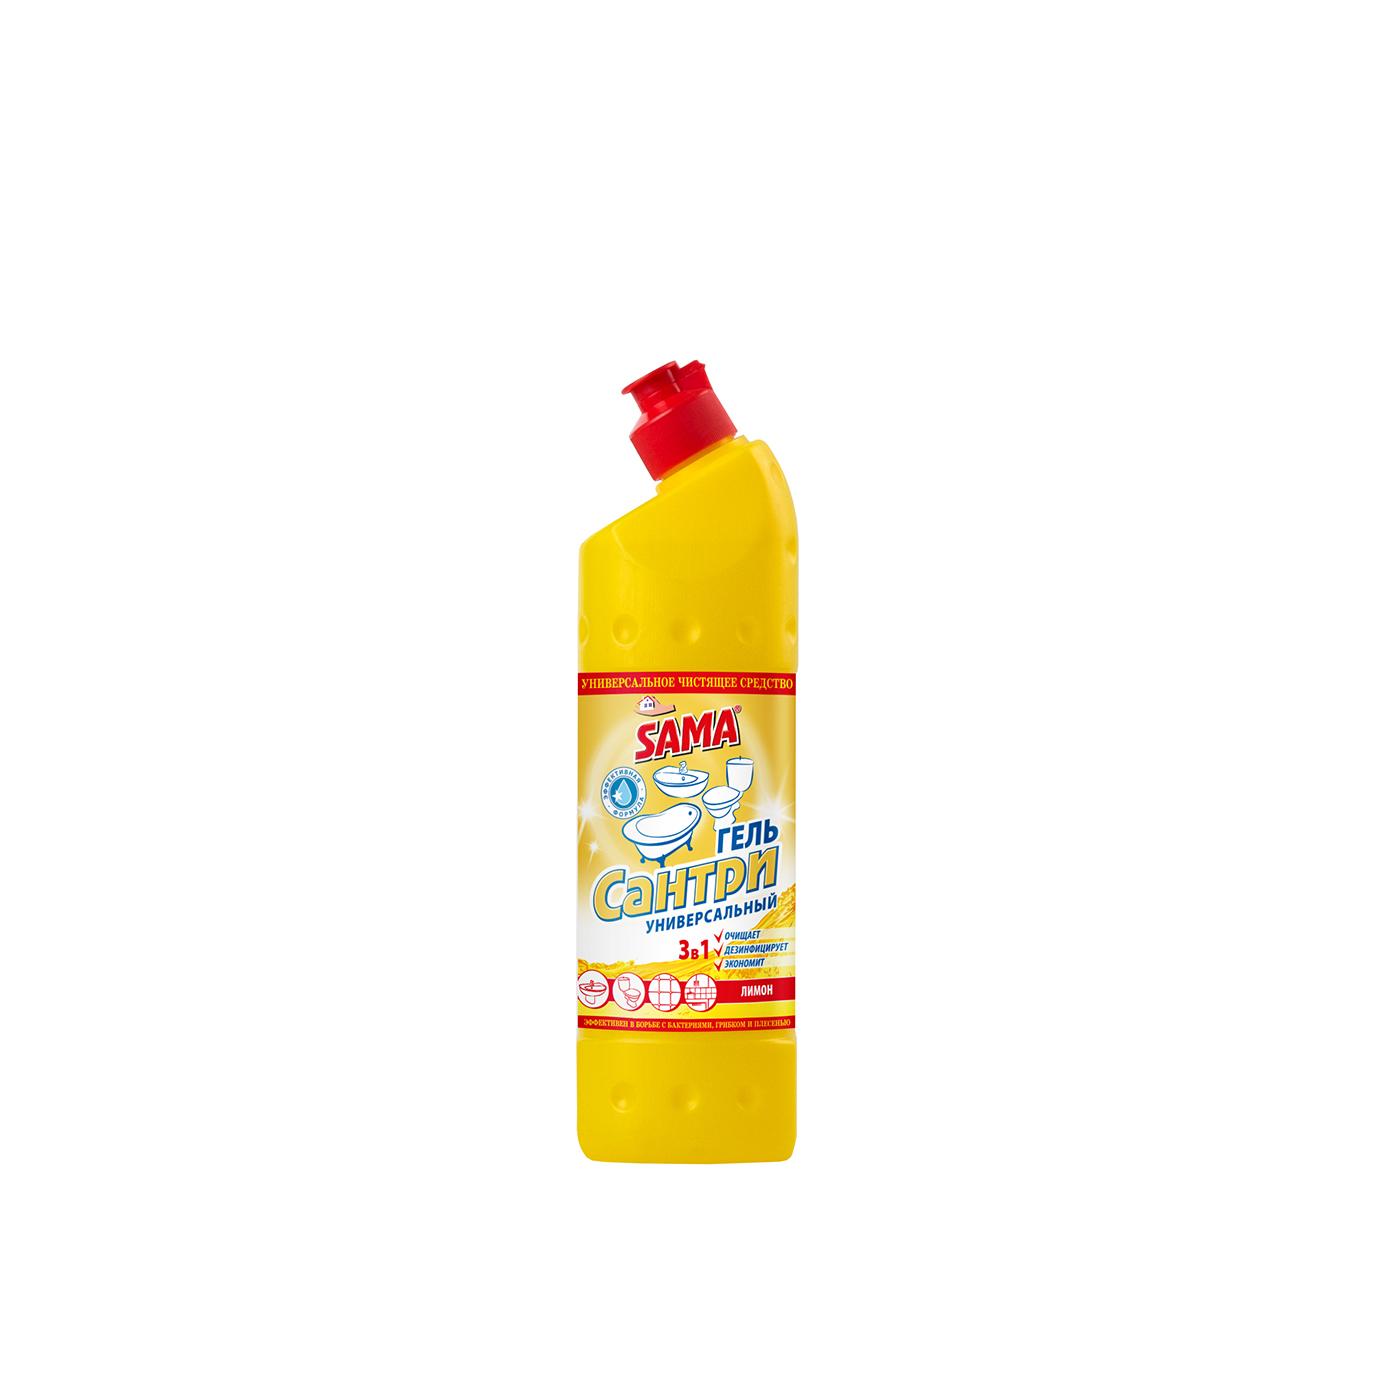 Универсальное чистящее средство гель SAMA Сантри Лимон 500 мл